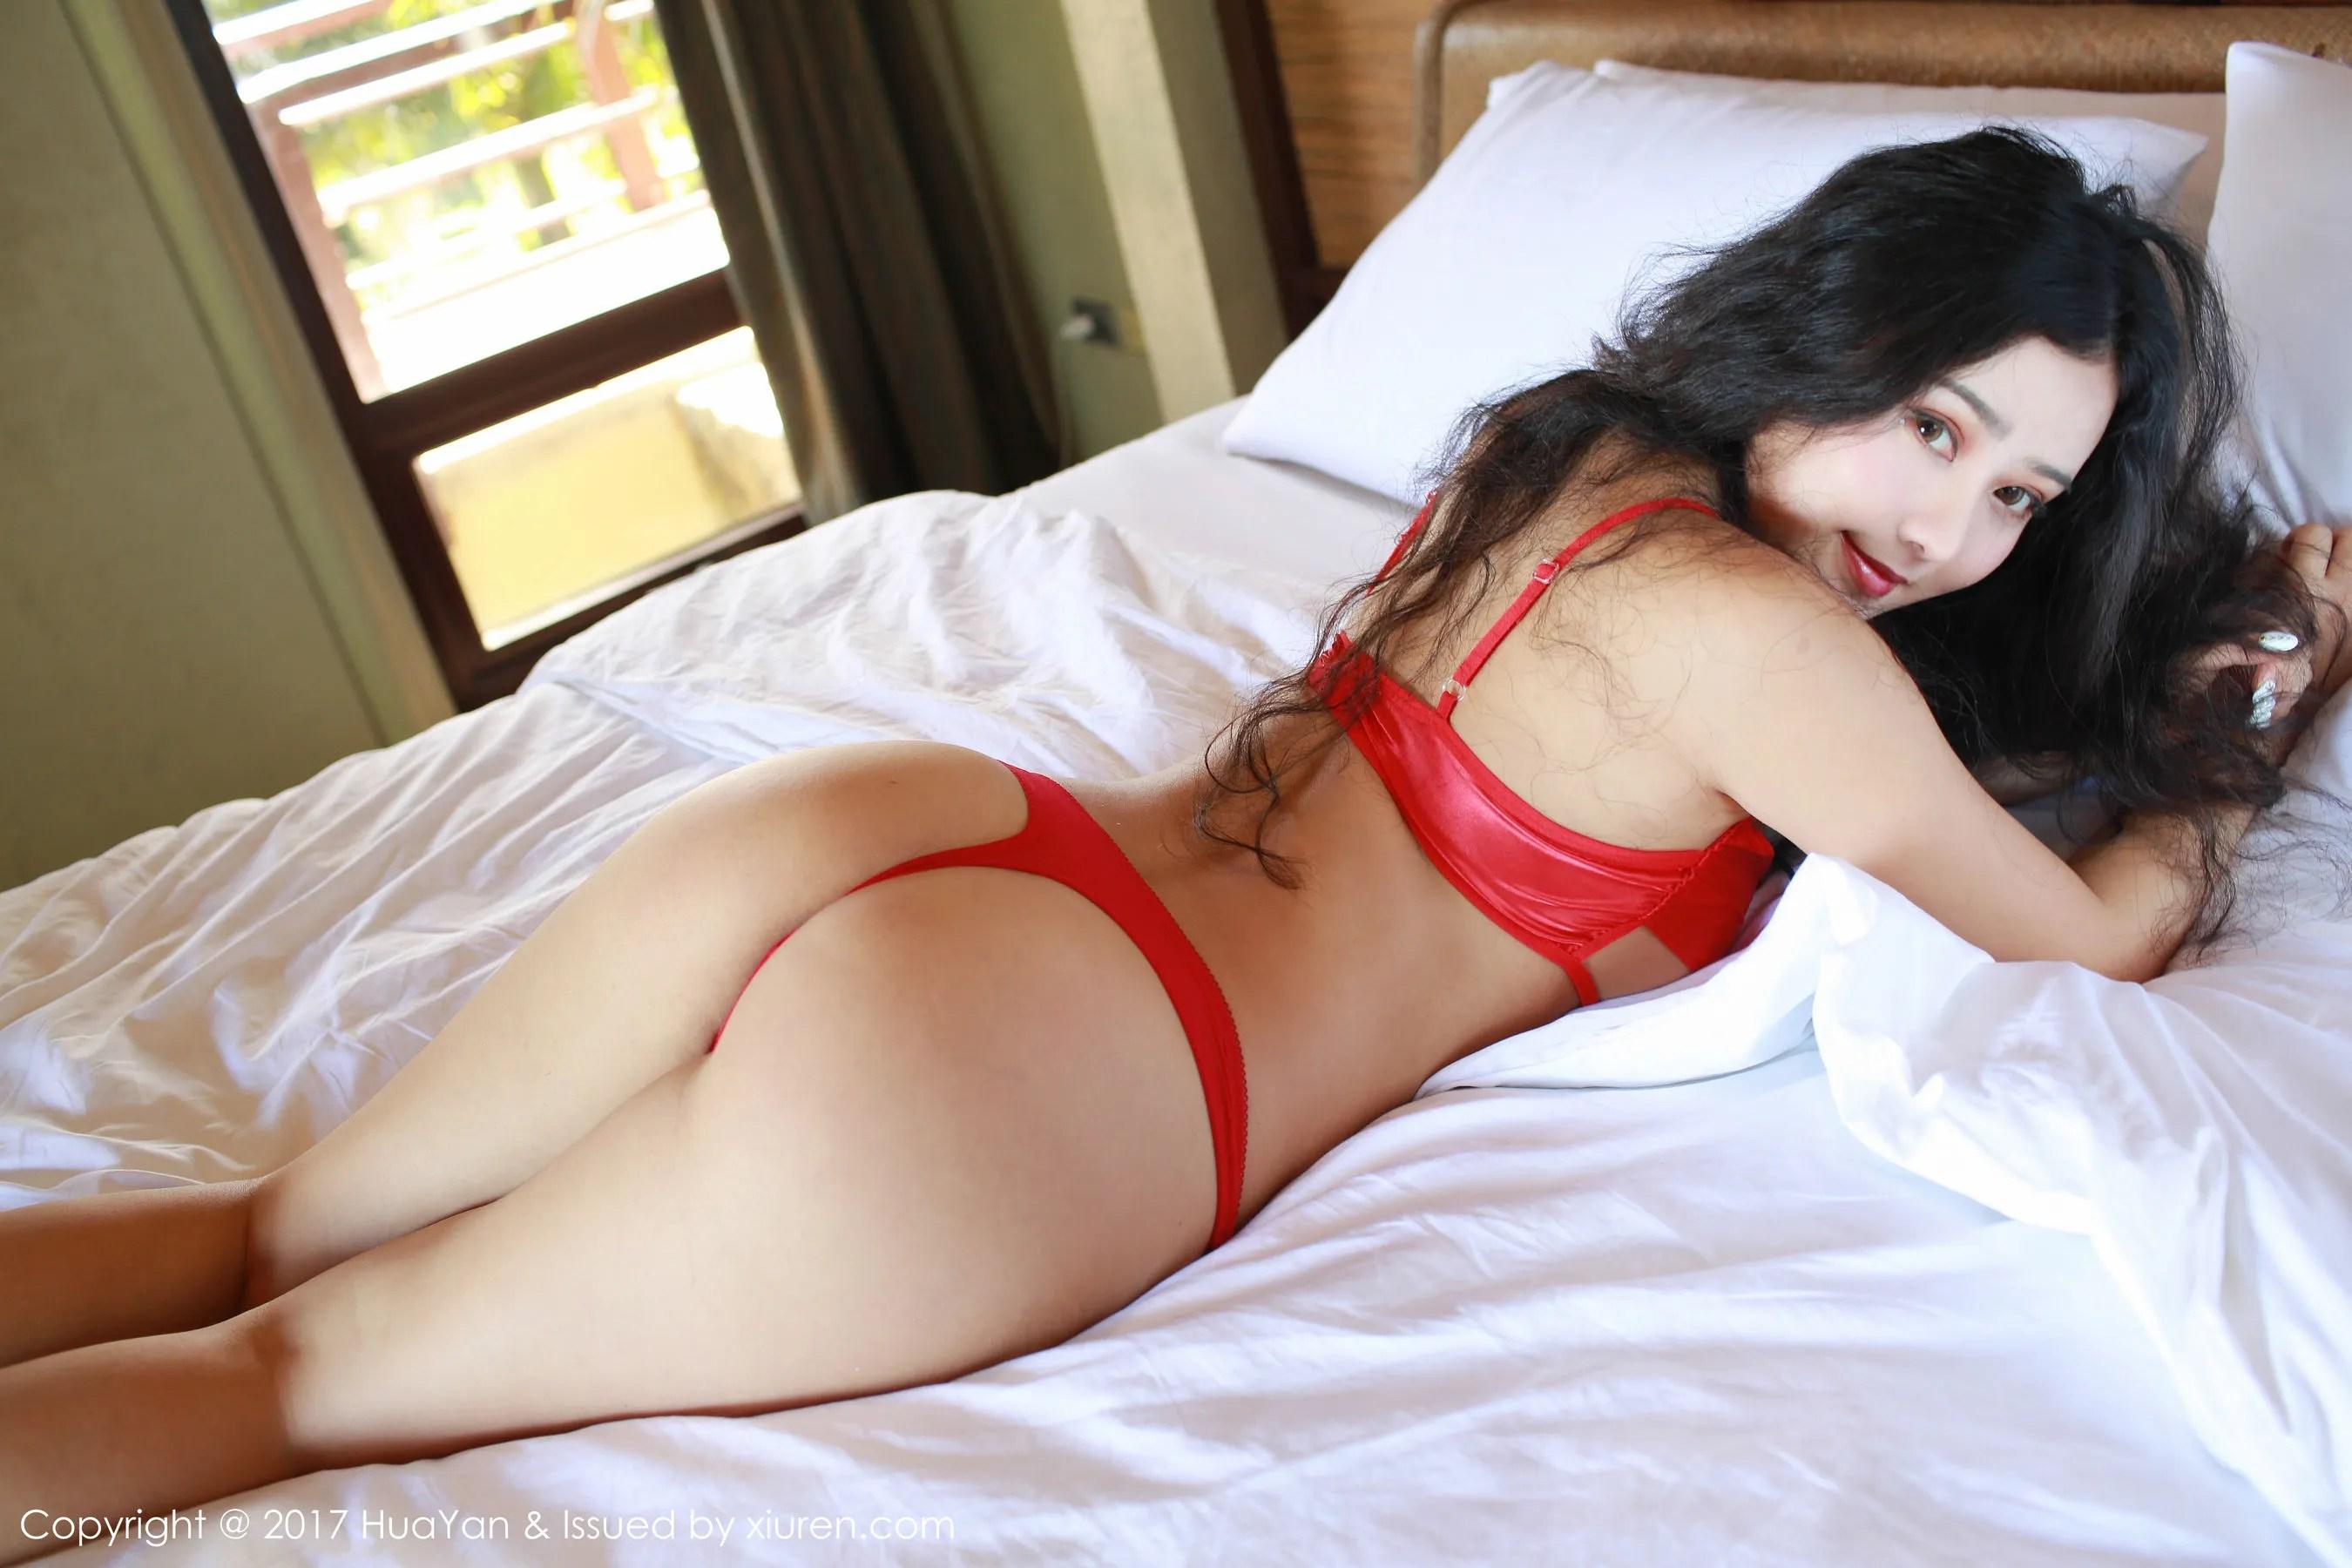 图片[11] - Manuela玛鲁娜《衬衫湿身+红色丁字裤》 [花の颜HuaYan] VOL.028 写真集[35P] - 唯独你没懂